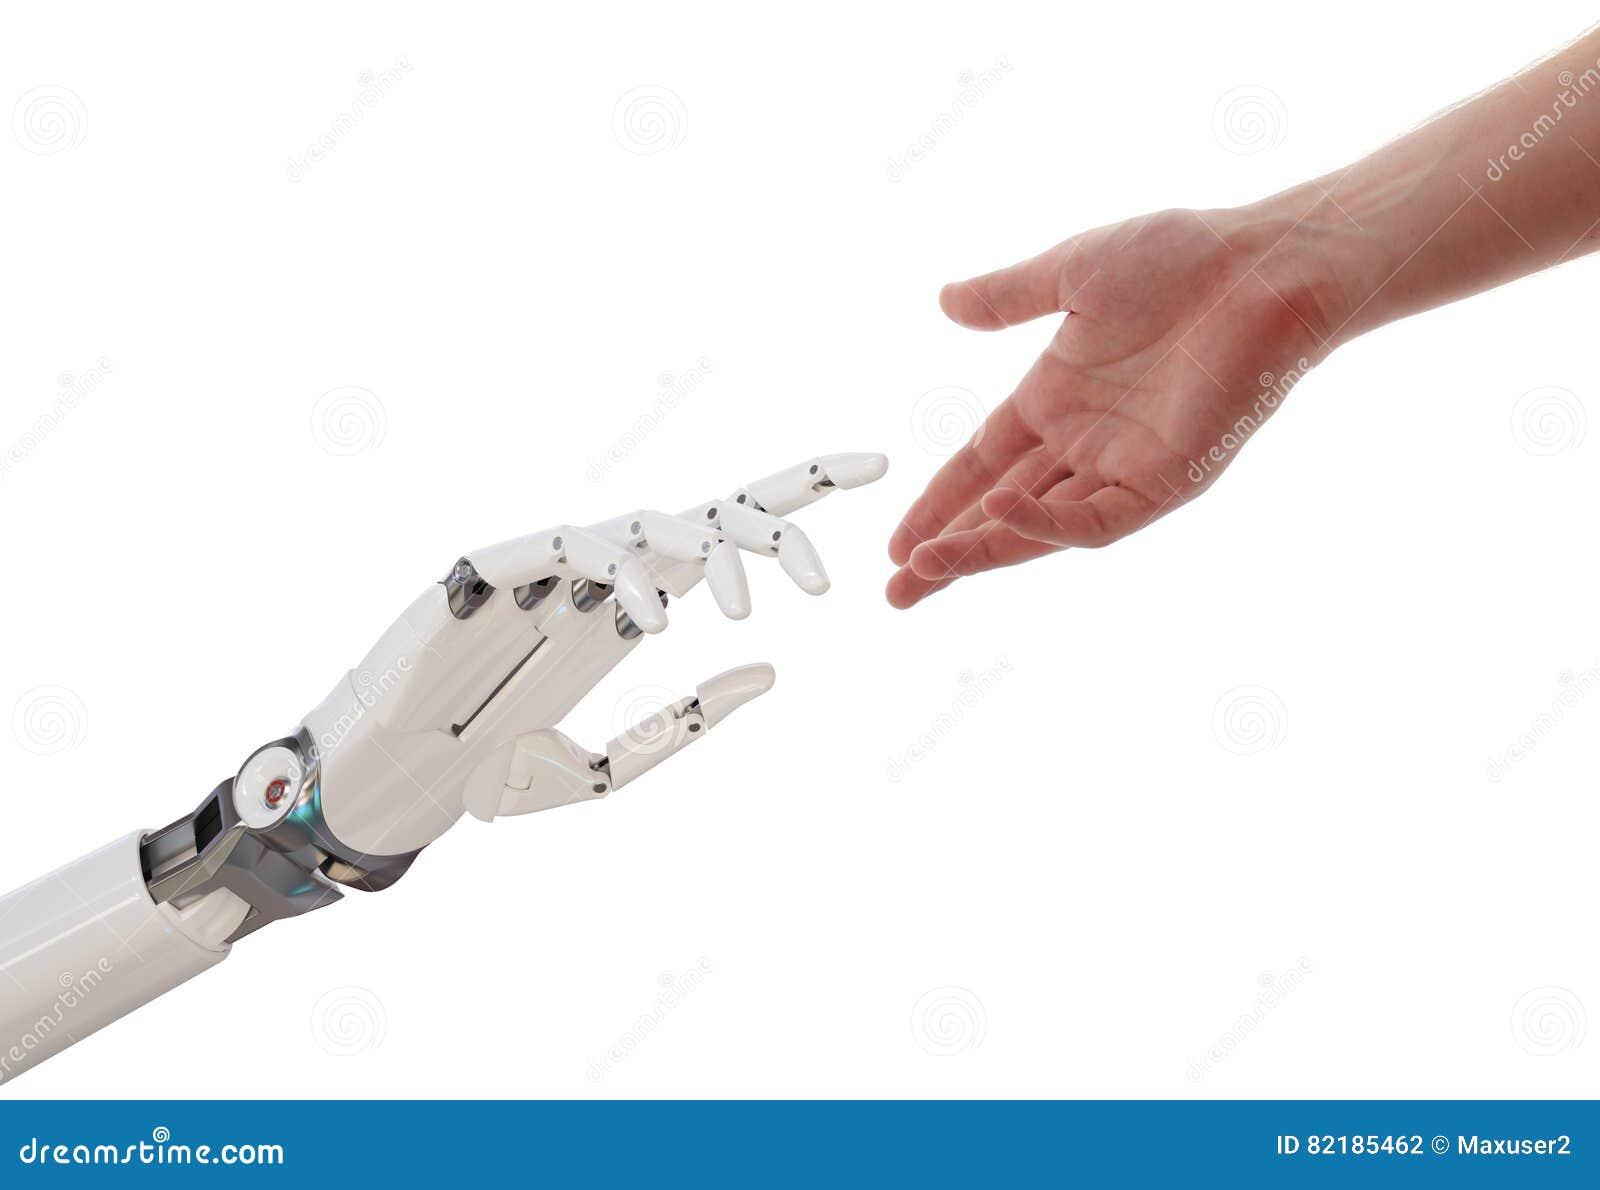 到达人工智能概念3d例证的人和机器人手